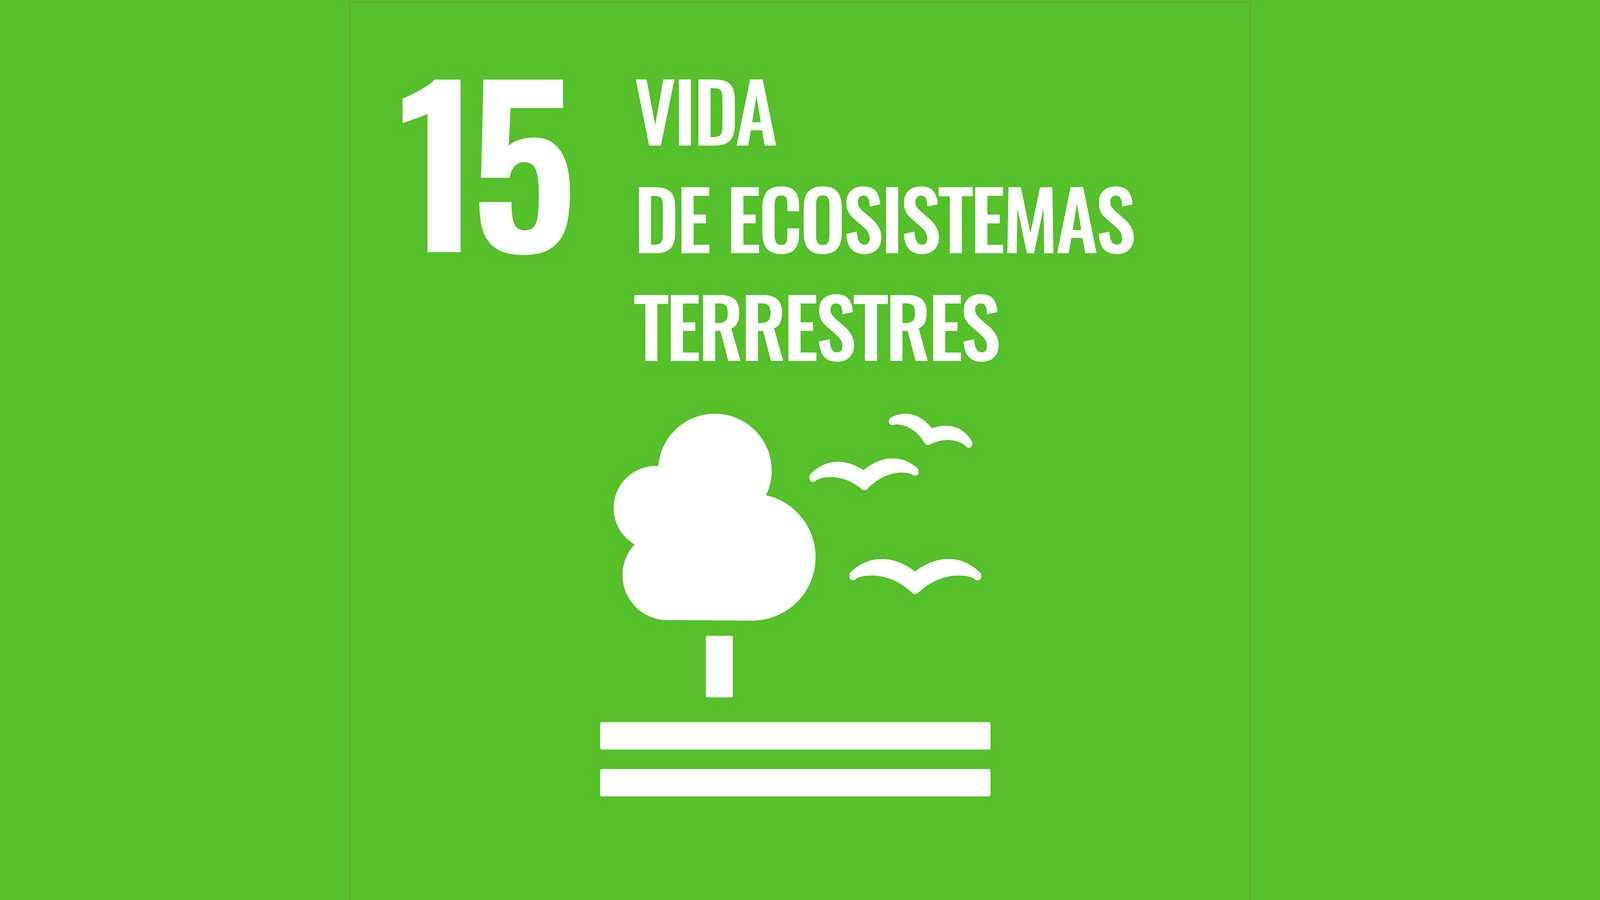 Objetivo de desarrollo sostenible 15